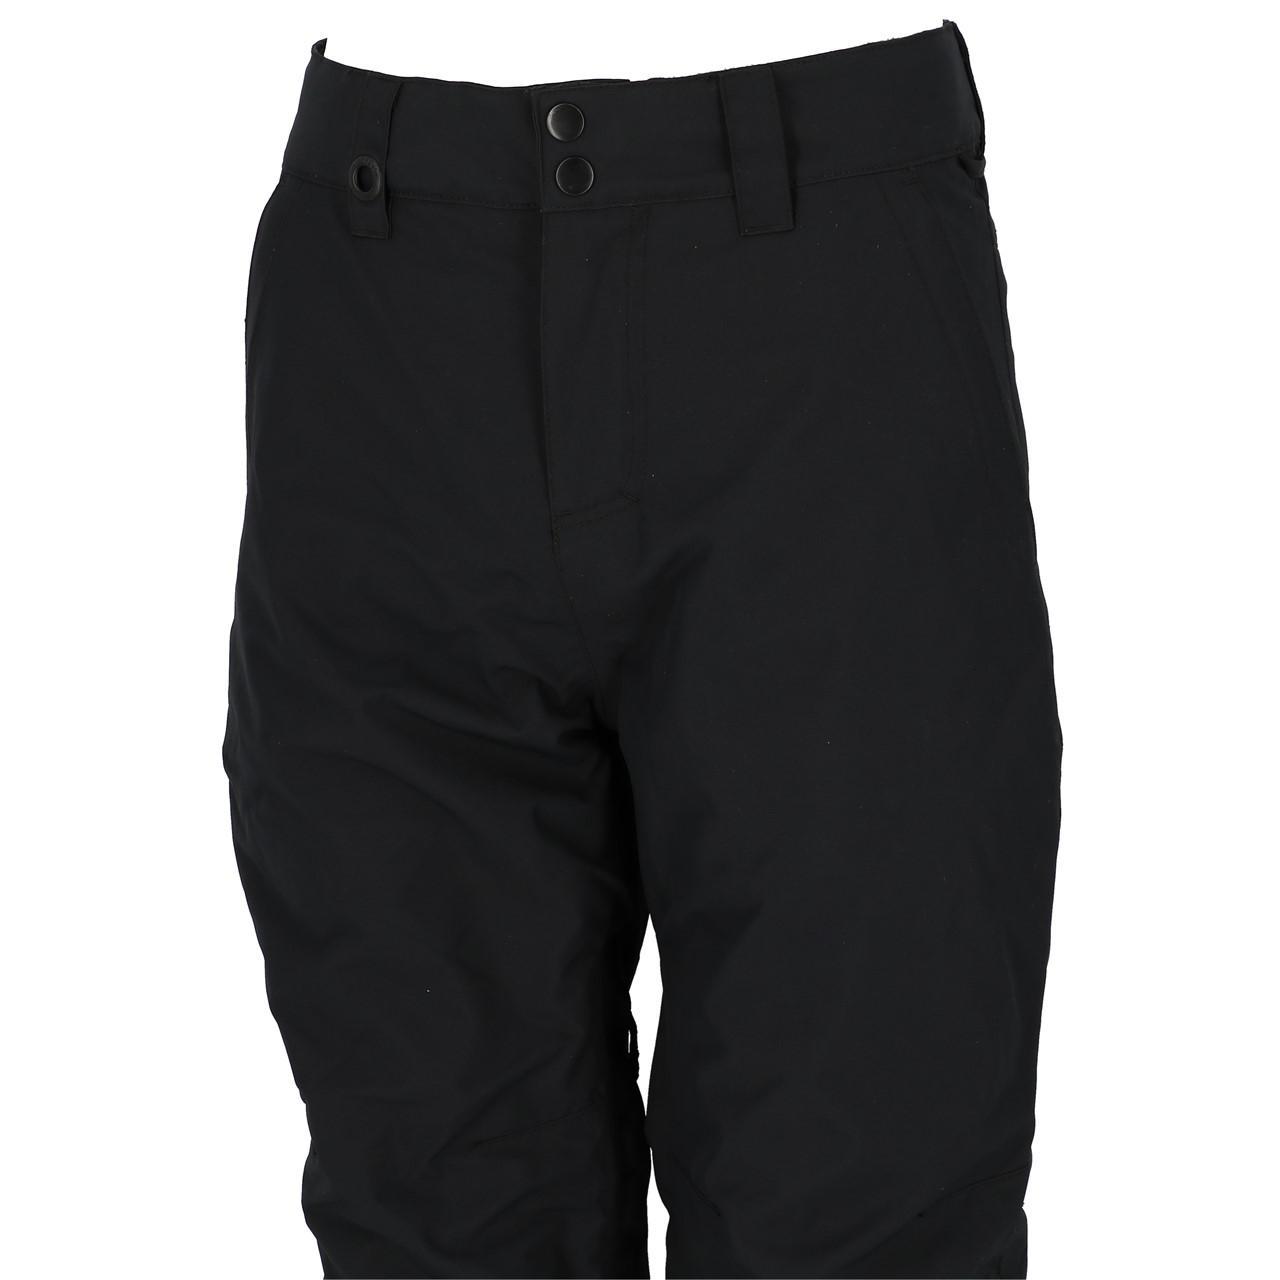 Ski-Pants-Surf-Quiksilver-Estate-Black-Pant-Ski-Jr-Black-27846-New